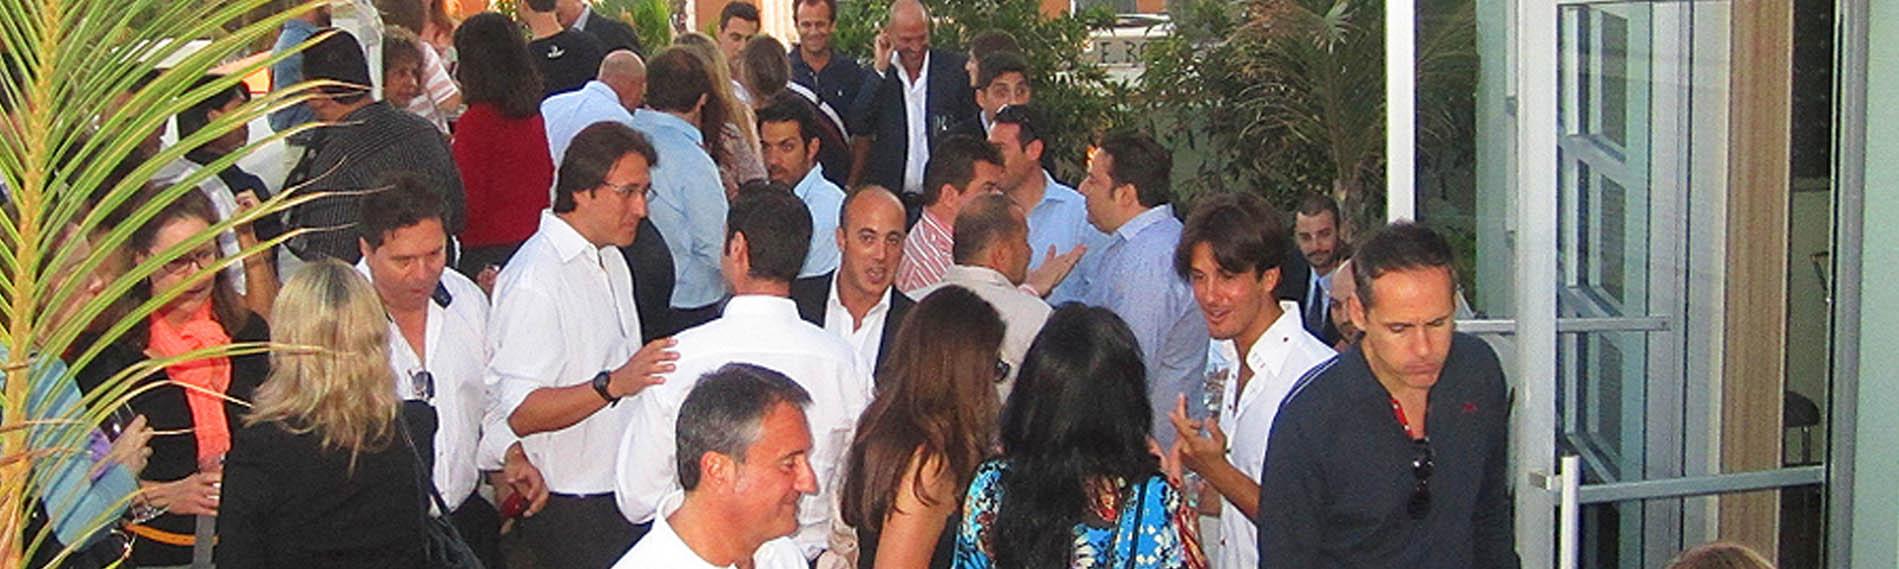 L'Aperitivo italiano en el Hotel Pelican de South Beach